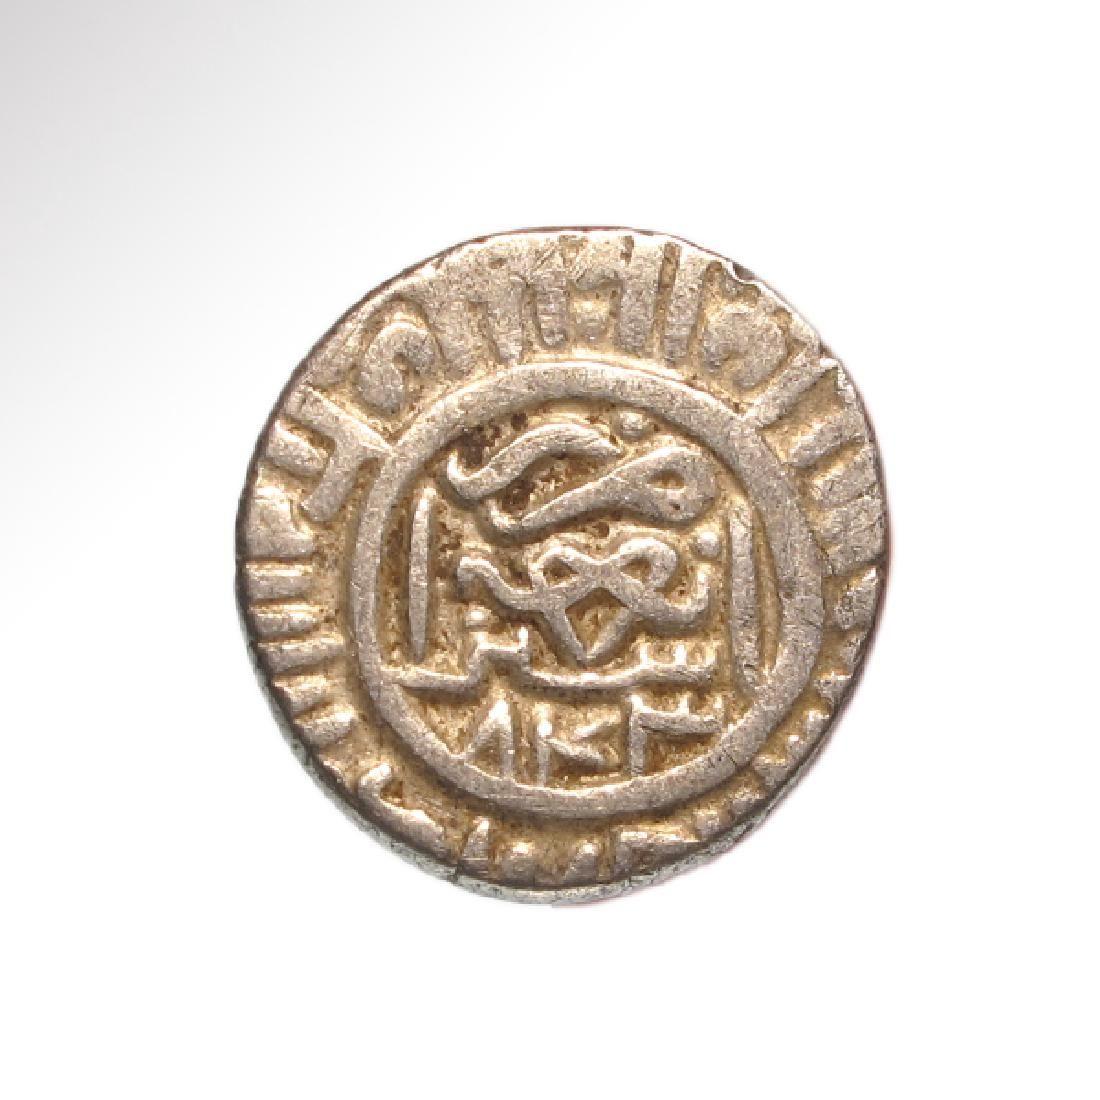 Timurid Silver Tanka, Struck 843,Shahruk Mirza